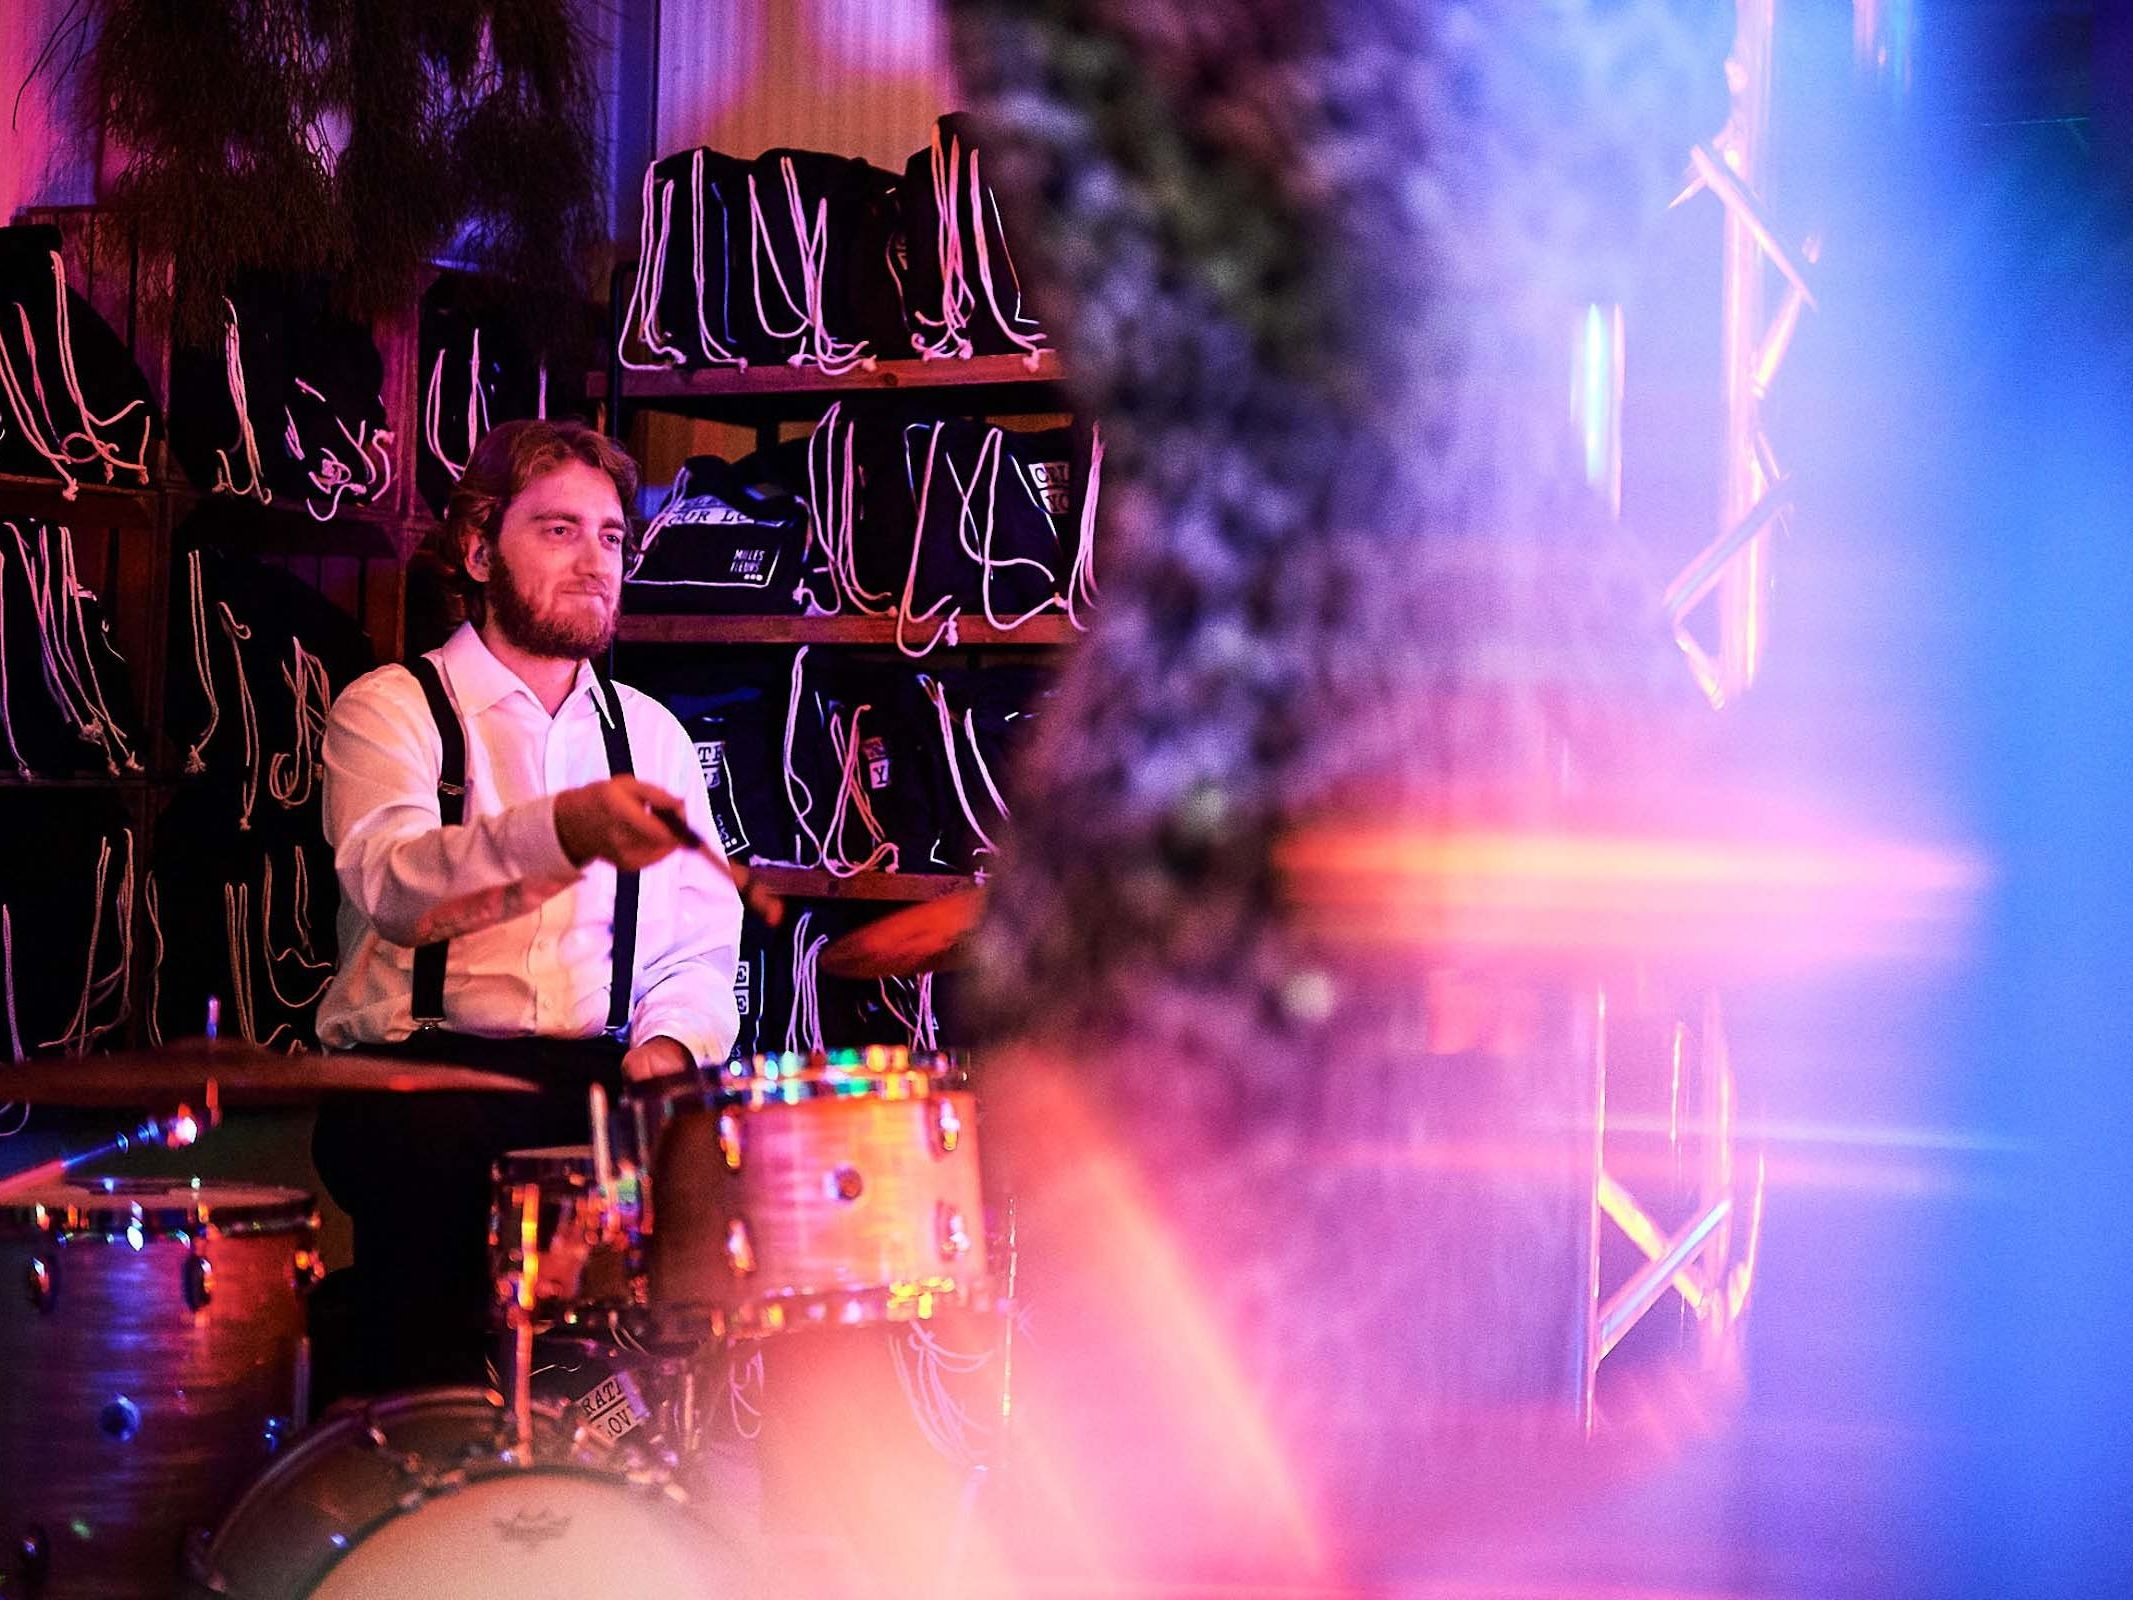 Band | Hannover | Hochzeit | Livemusik | Partyband | Popband | Jazzband | Swingband | Lounge | Pop | Jazz | Soul | DJ | Saxophon | Schlagzeug | Hochzeitsband | Messe | Firmenfeier | Charity | Gala | Buchen | Mieten | Anfragen